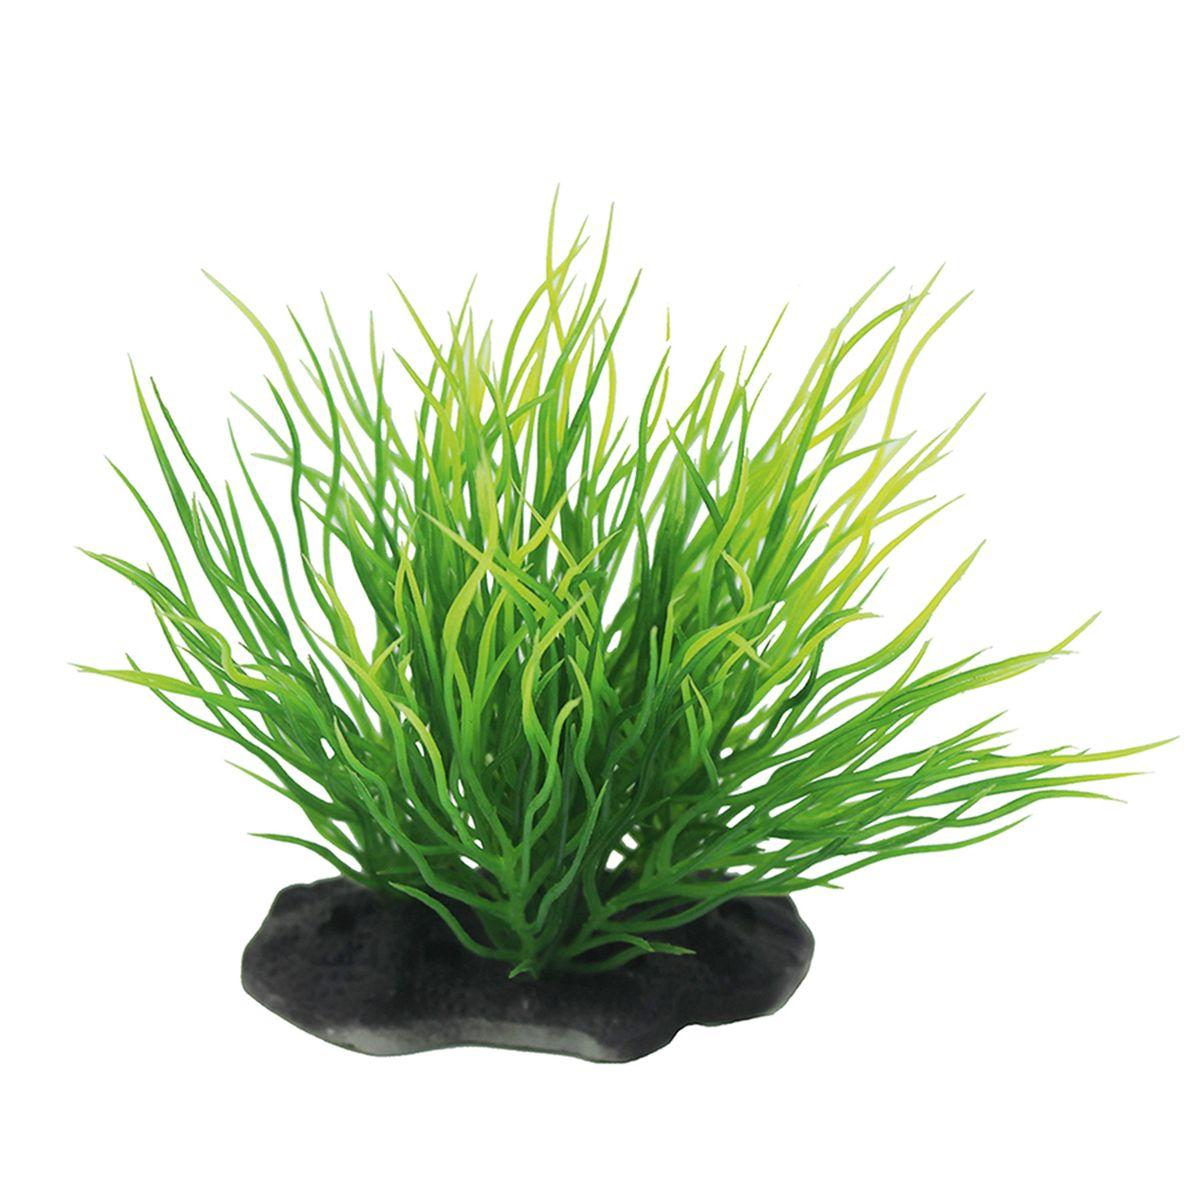 Растение для аквариума ArtUniq Пузырчатка, высота 10-12 смART-1192116Растение для аквариума ArtUniq Пузырчатка, высота 10-12 см